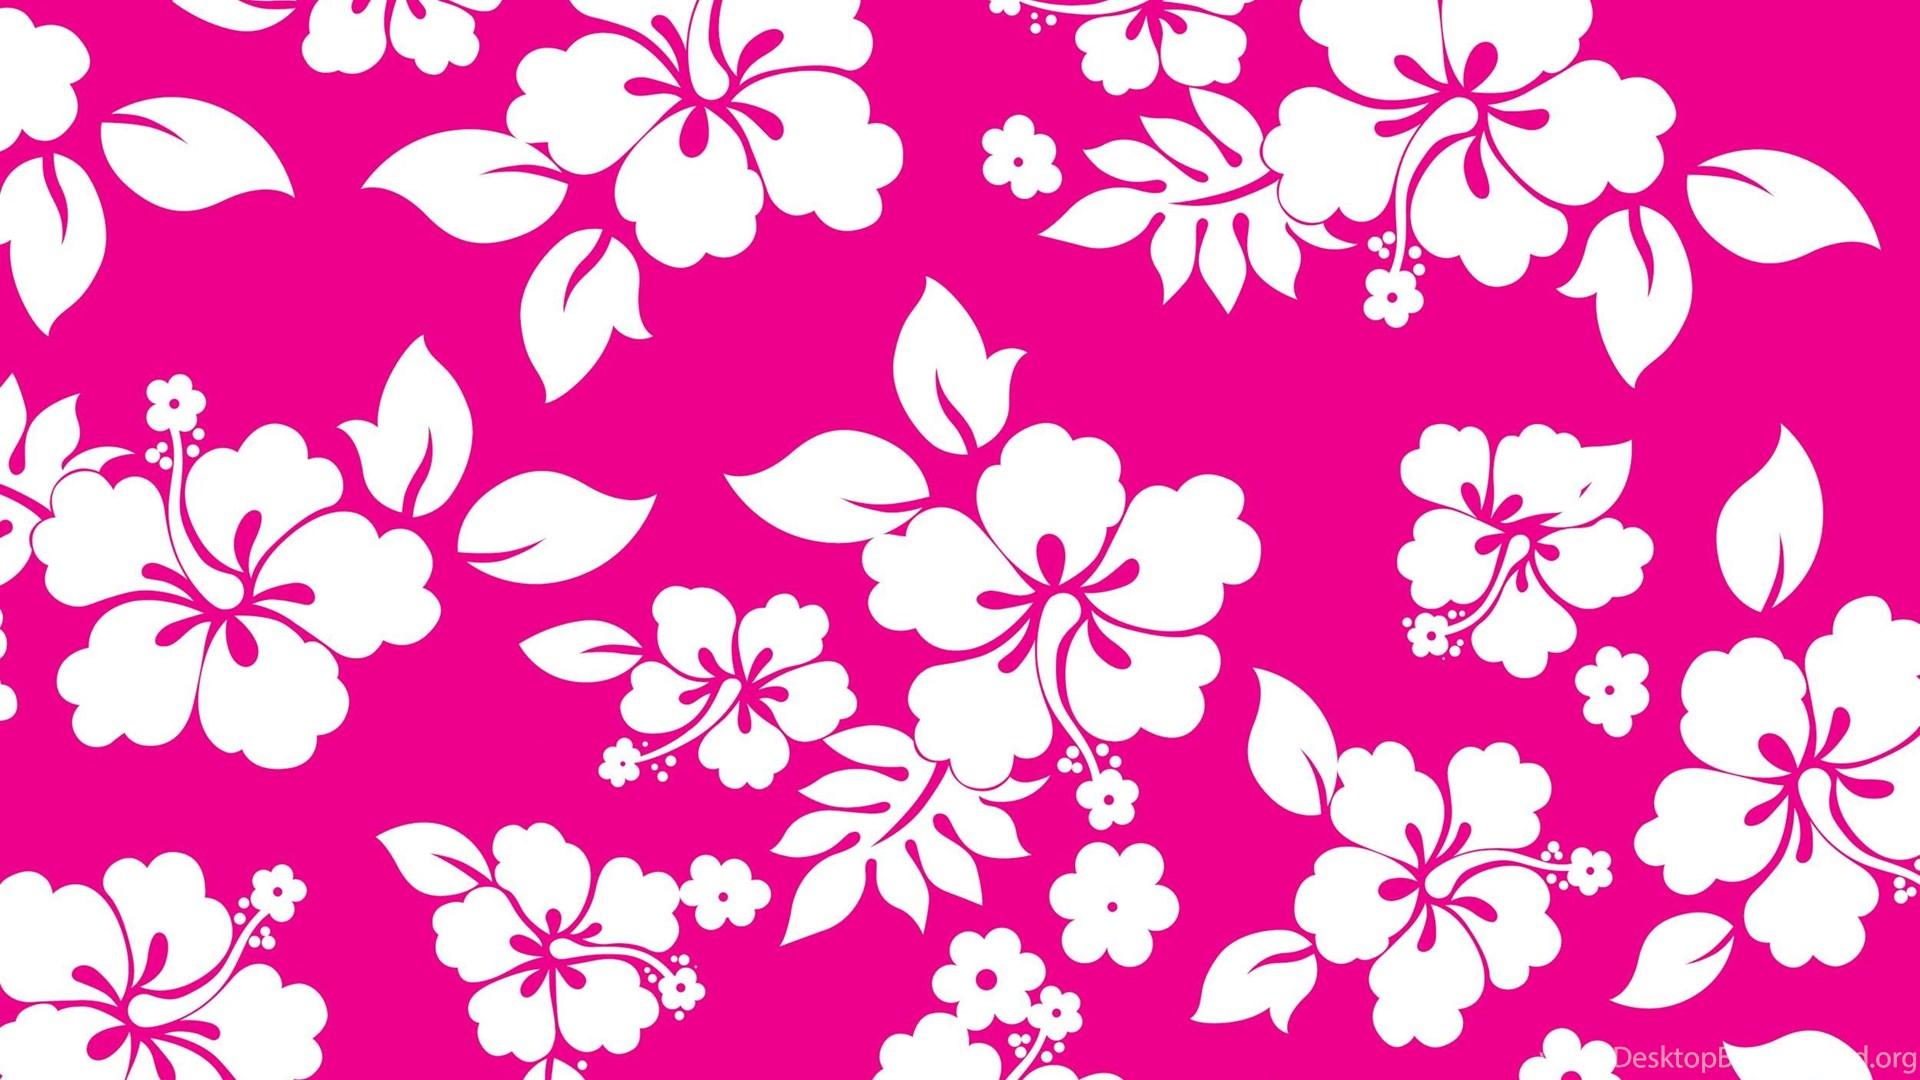 Hawaiian flowers cartoon cartoon hawaiian flowers cartoon hawaiian popular izmirmasajfo